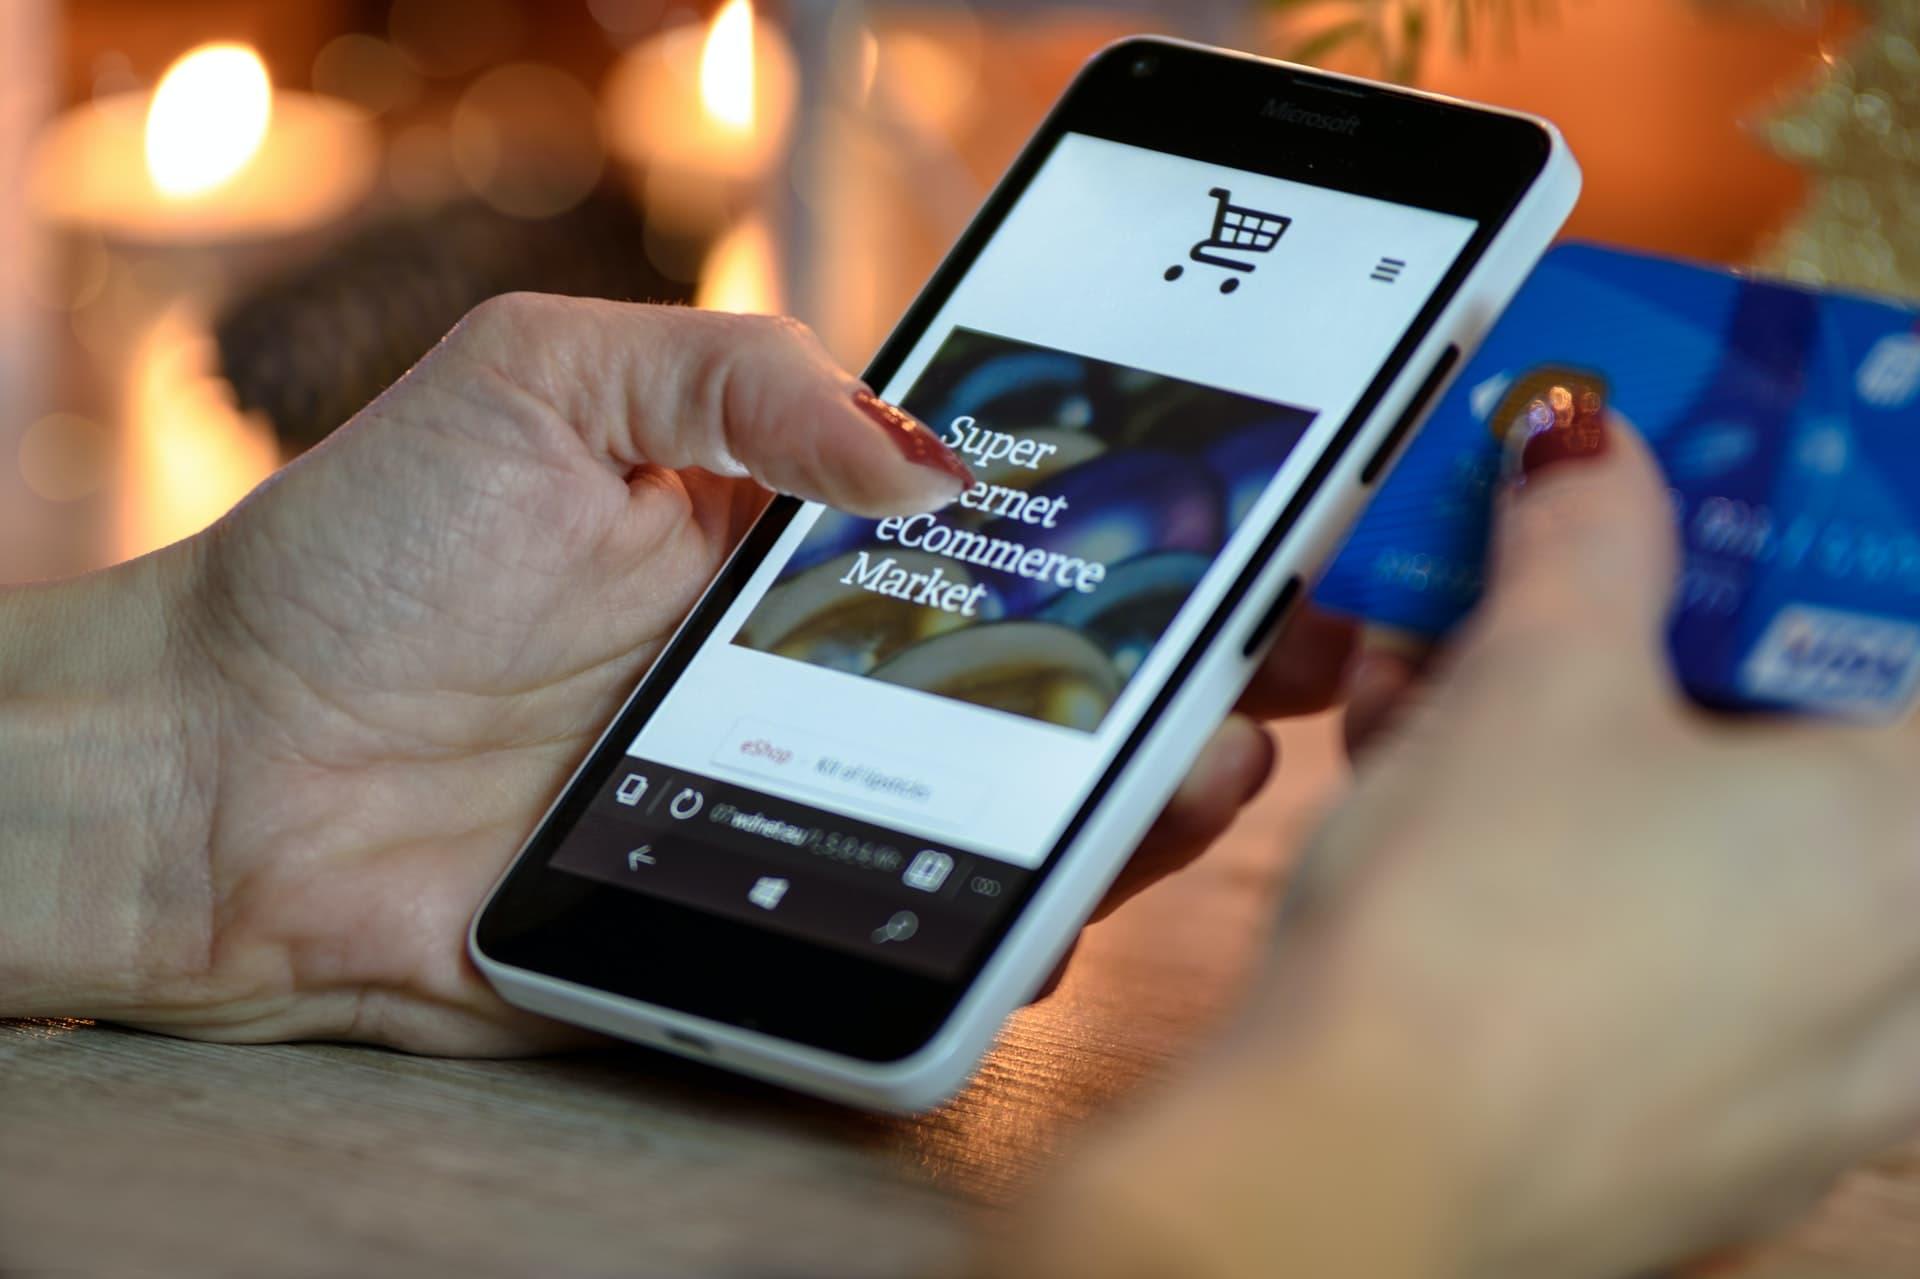 eCommerce market on phone